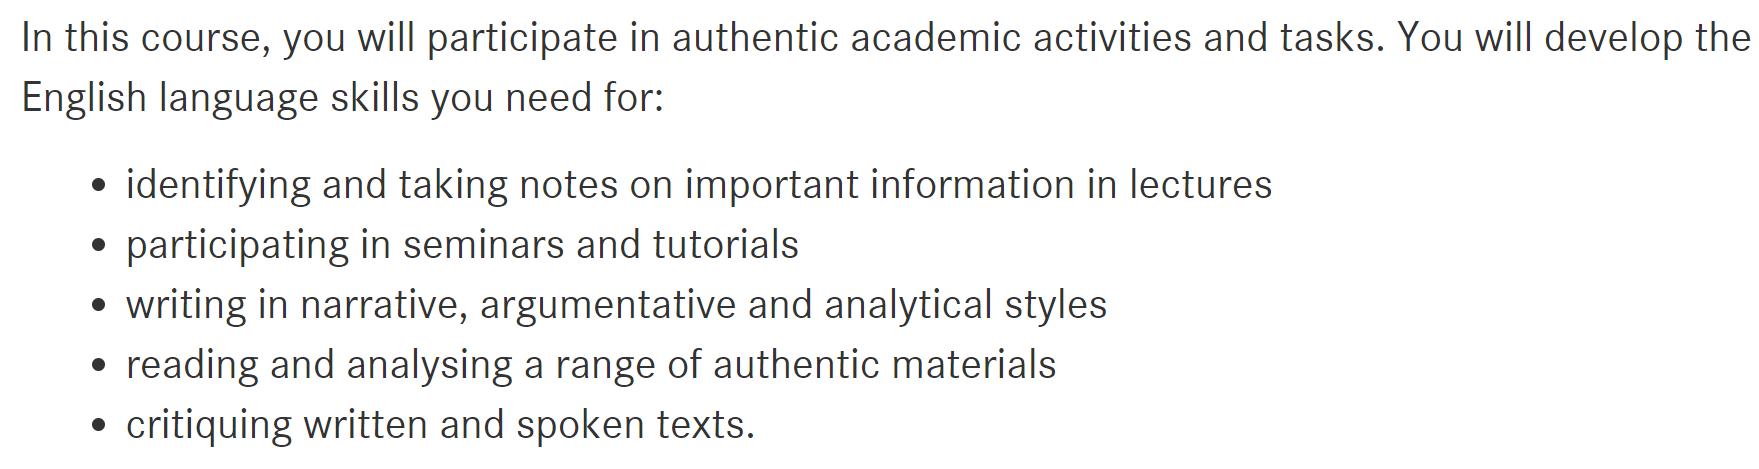 墨尔本大学官网上对其Bridging program的介绍